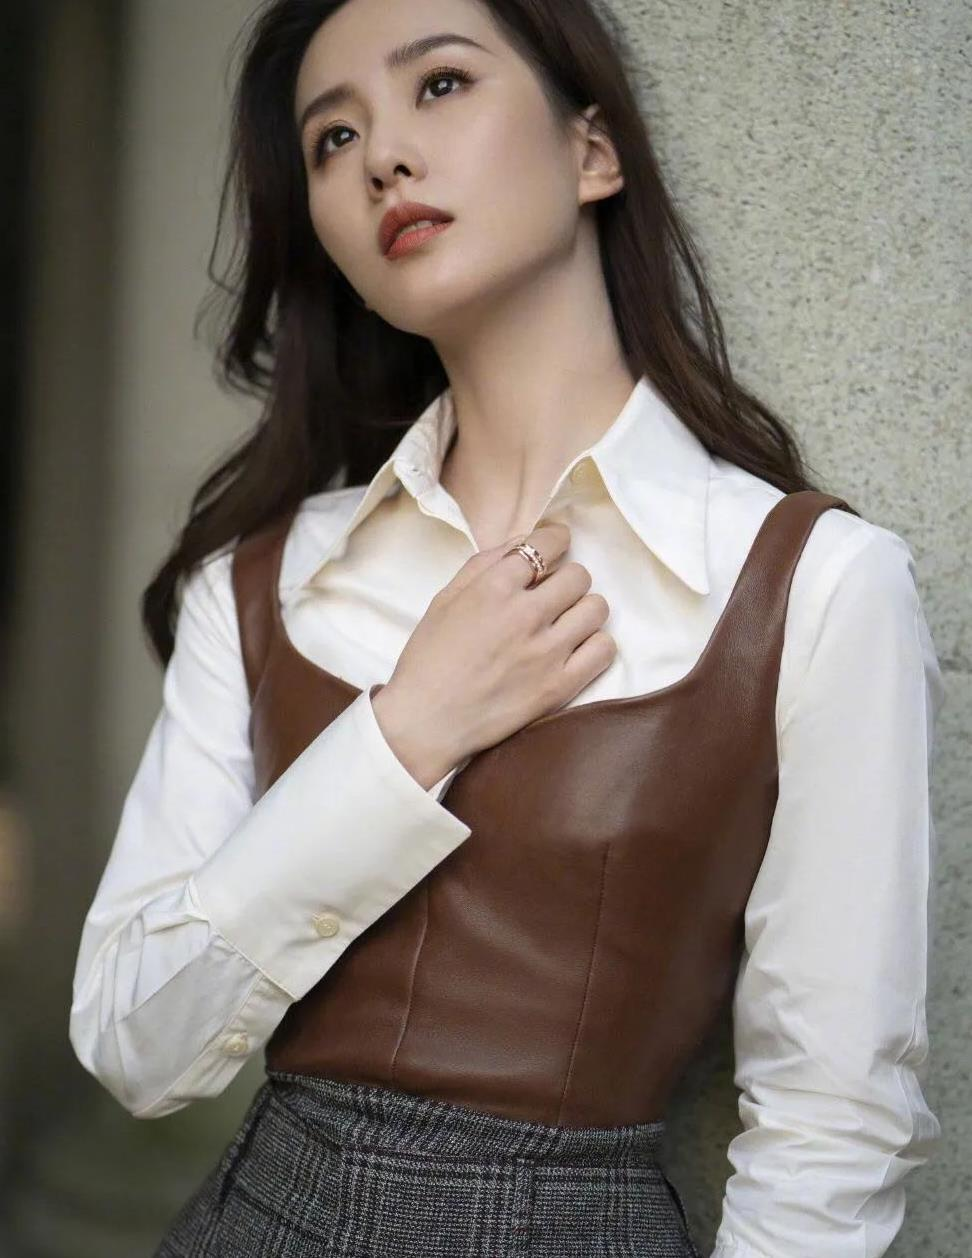 刘诗诗颜值很抗打,穿白衬衫搭皮马甲时髦耀眼,越来越有范